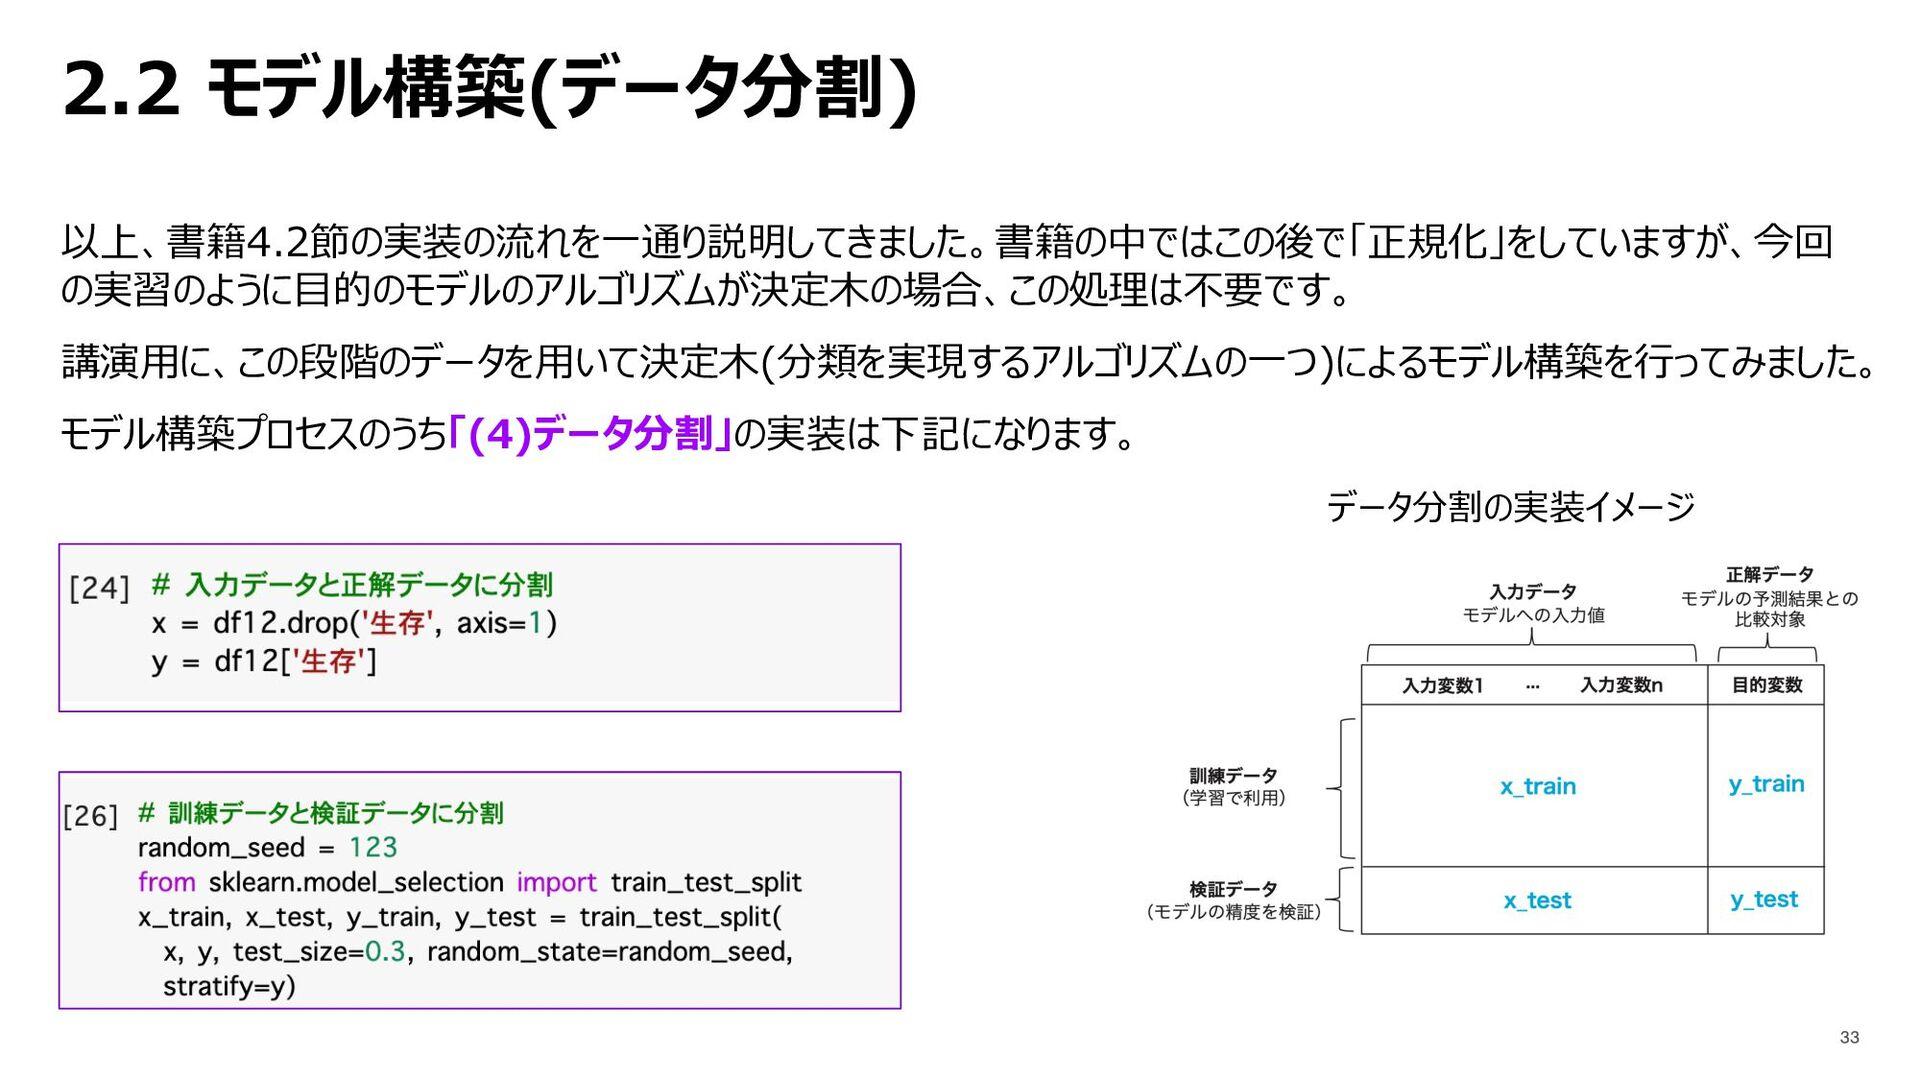 2.2 モデル構築(データ分割) 以上、書籍4.2節の実装の流れを⼀通り説明してきました。書籍...